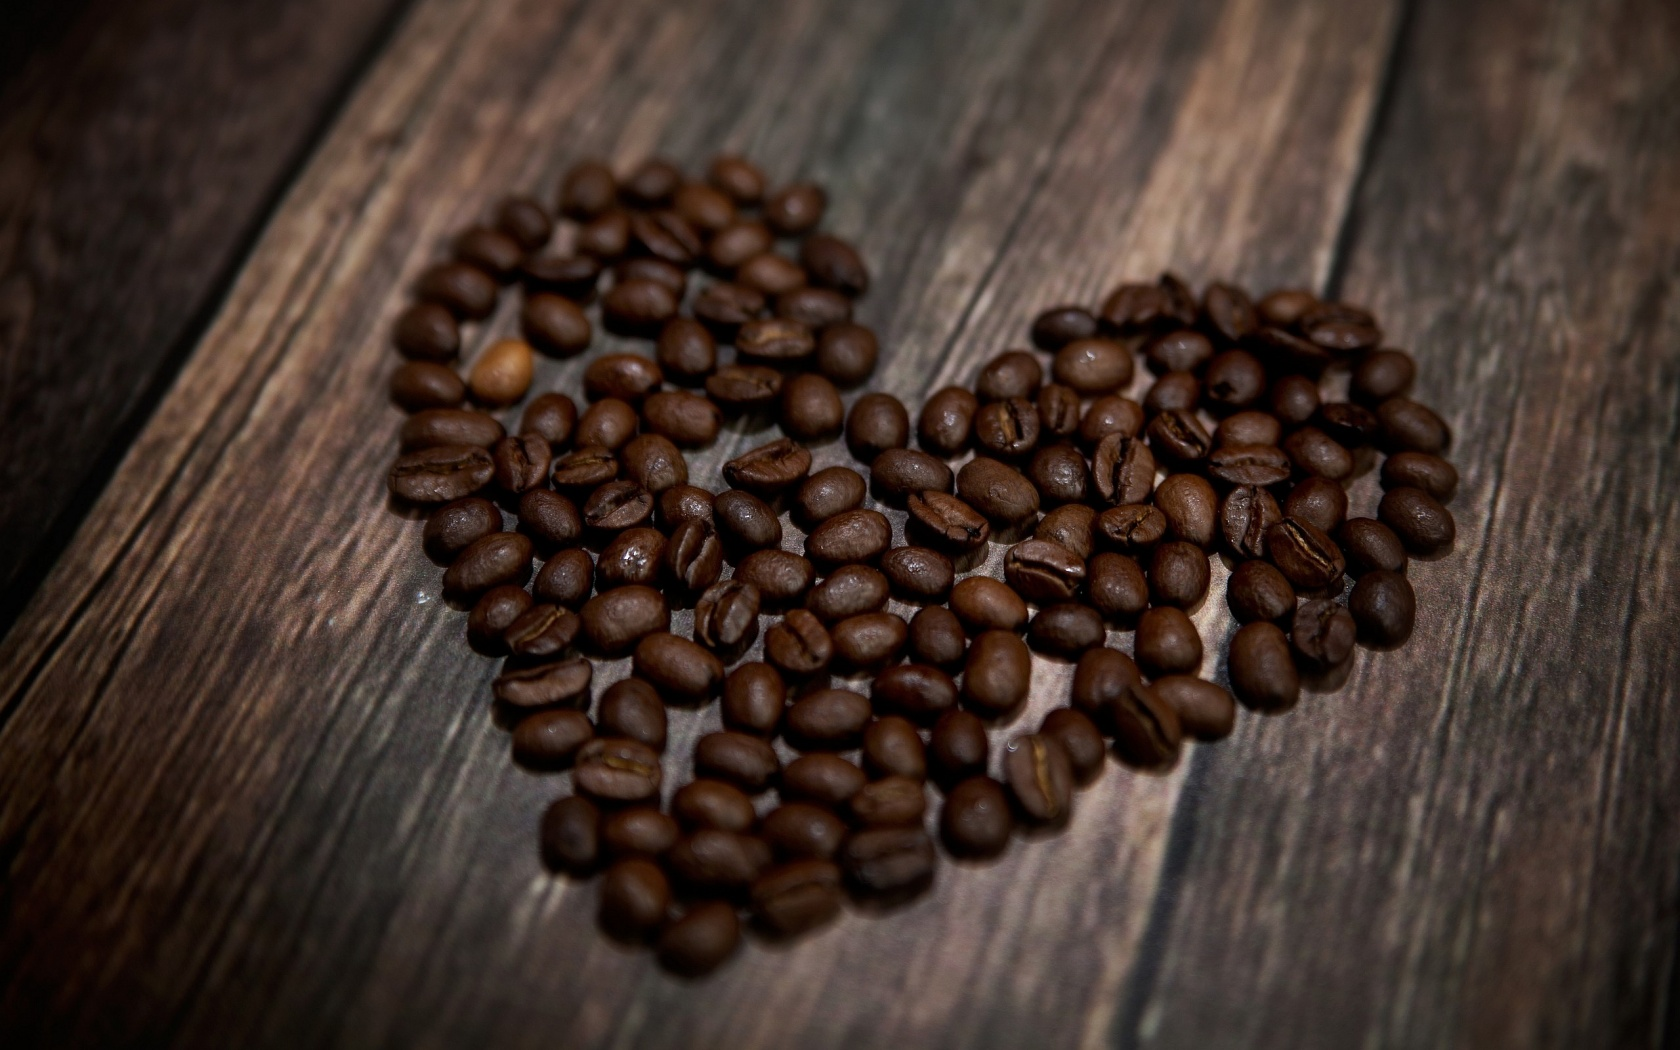 Cute Coffee Beans Wallpaper